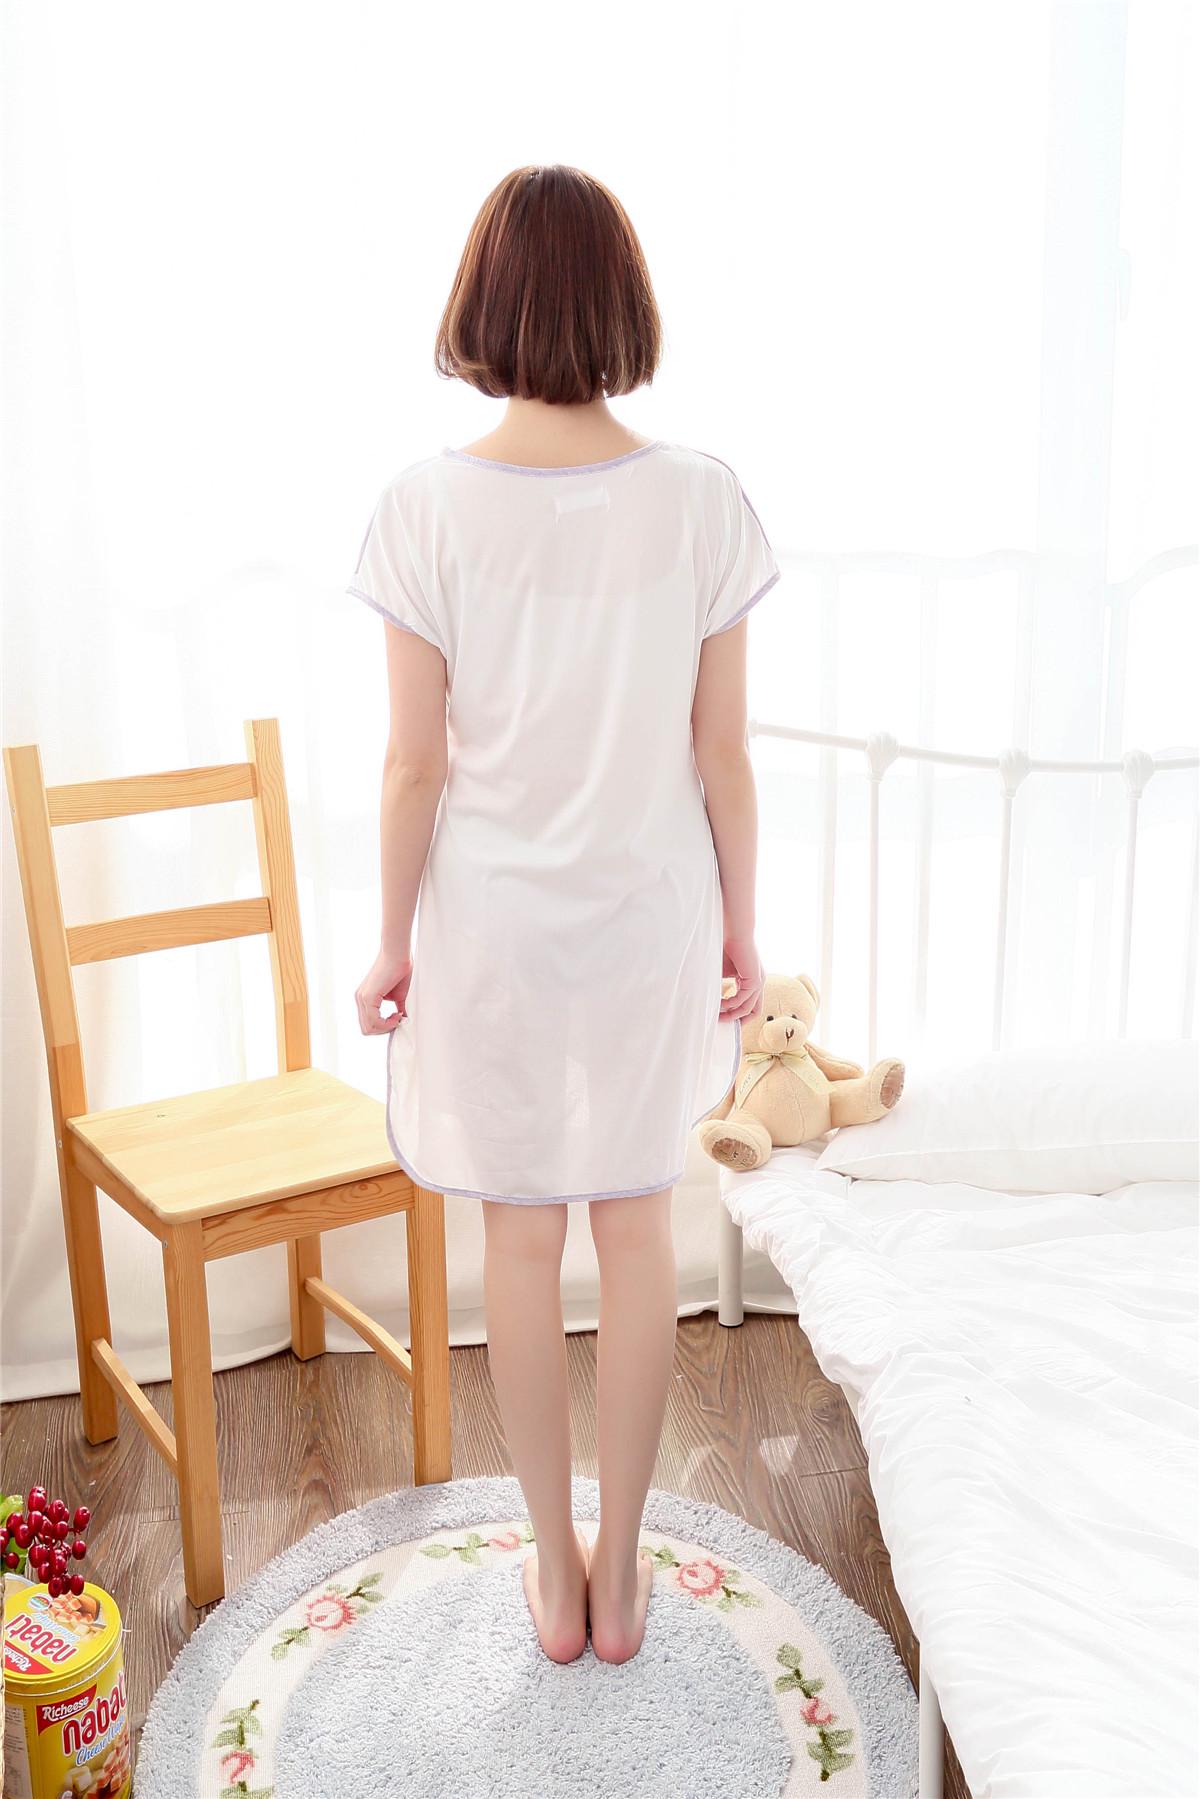 夏季新款少女人睡裙短袖睡衣可爱甜美休闲性感卡通动漫家居服短裙